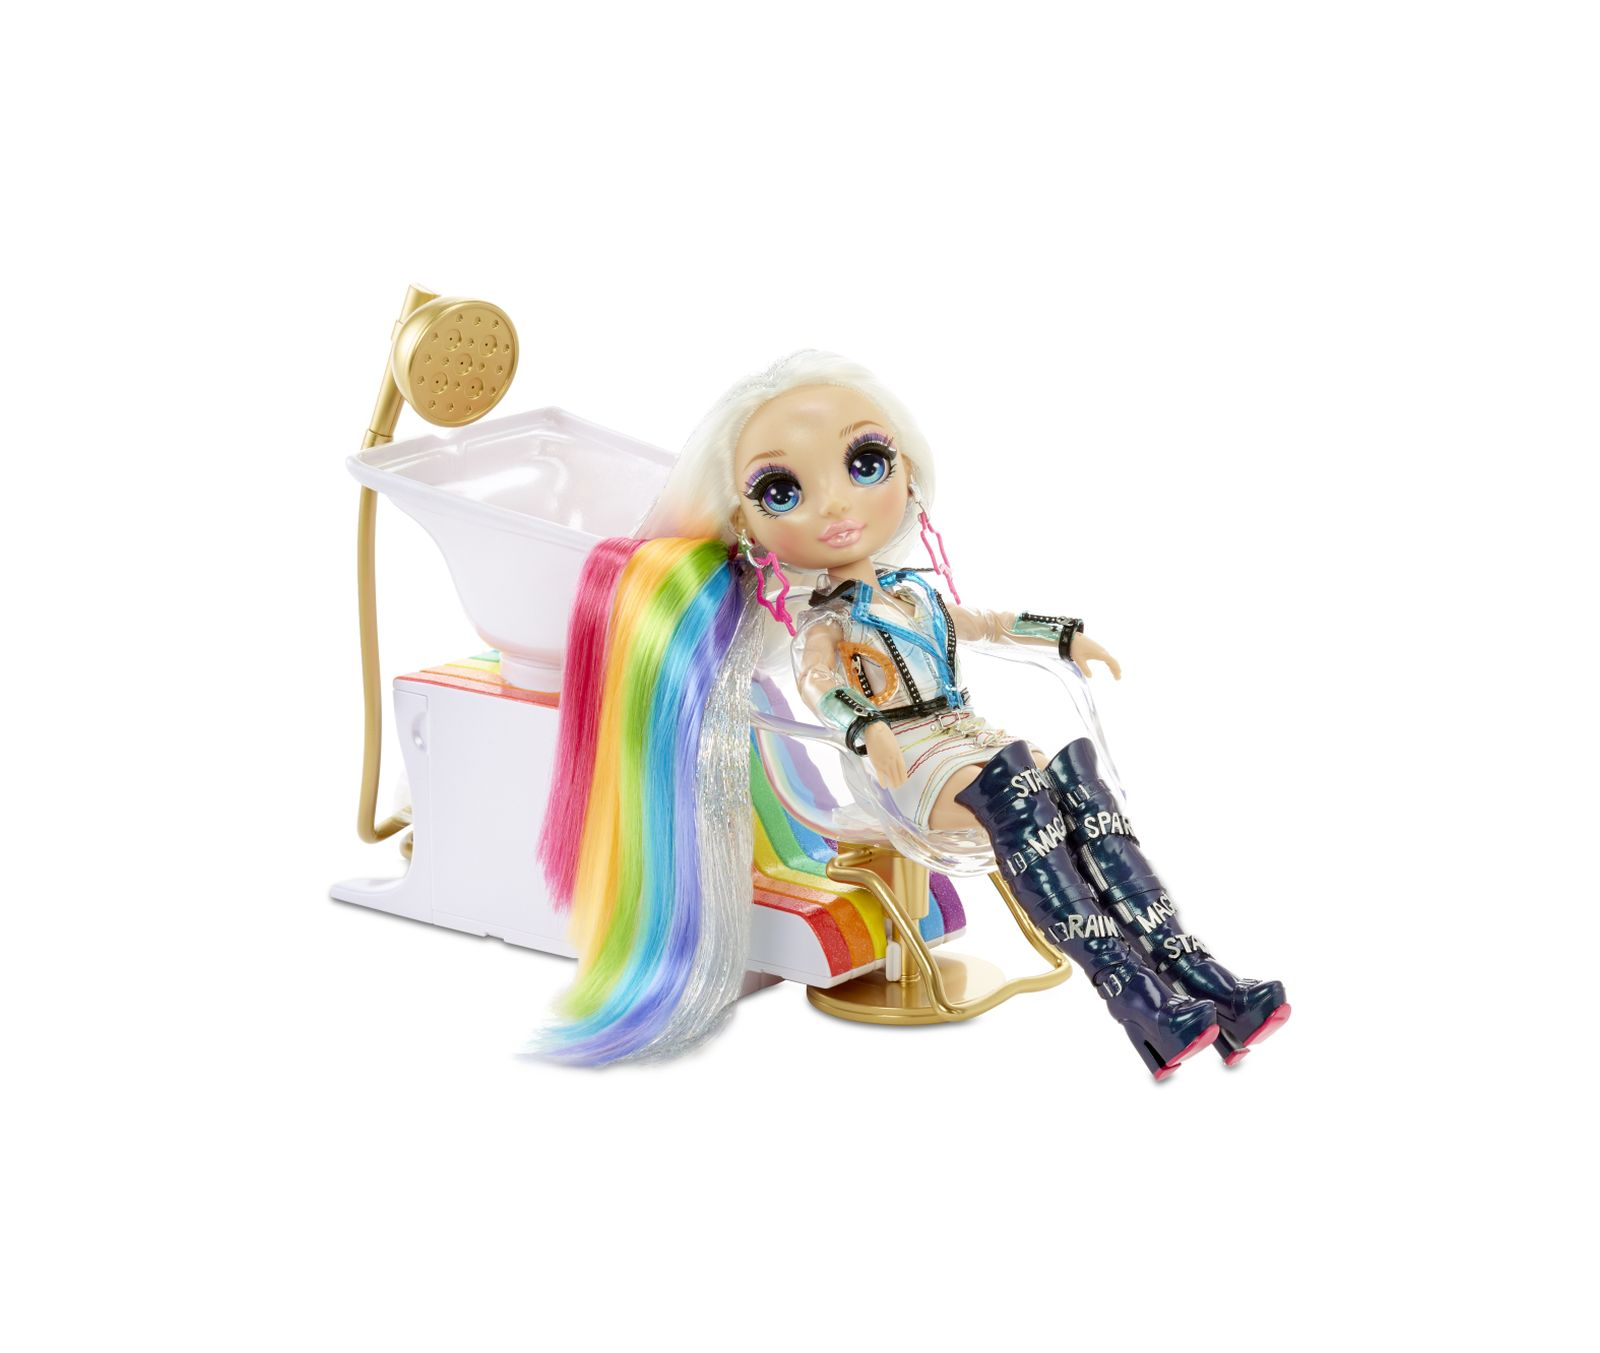 Rainbow high salon playset - Rainbow High